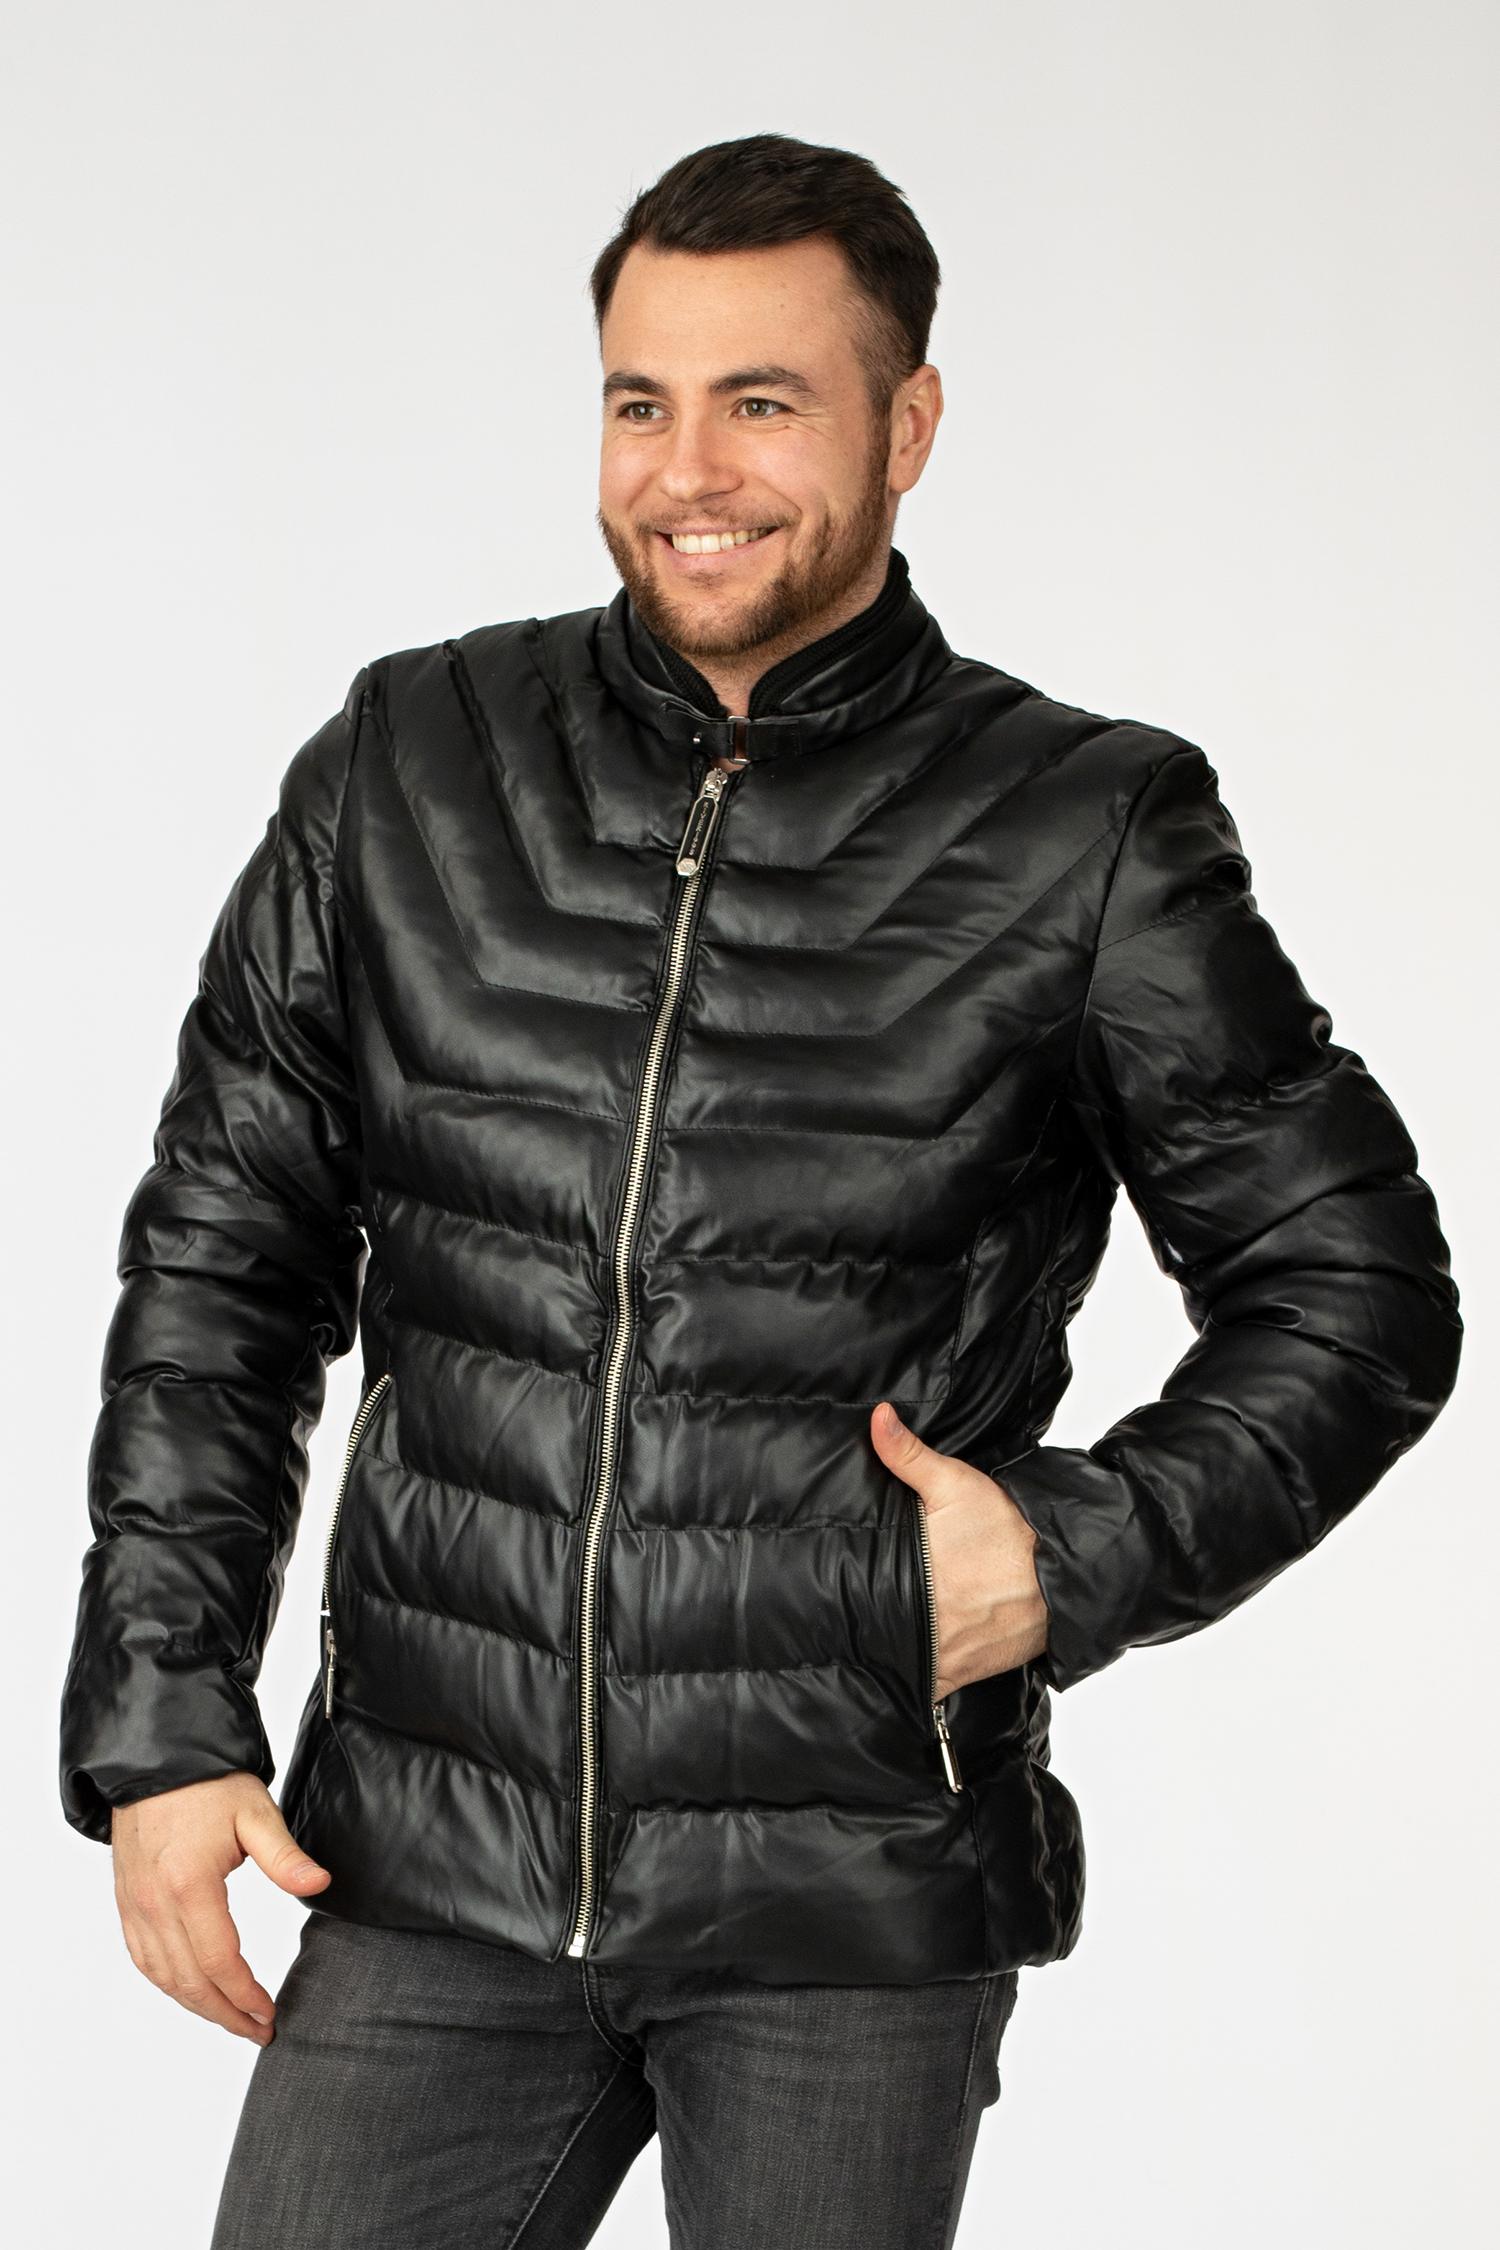 Мужскаякожаная куртка из эко-кожи с воротником, без отделки МОСМЕХА